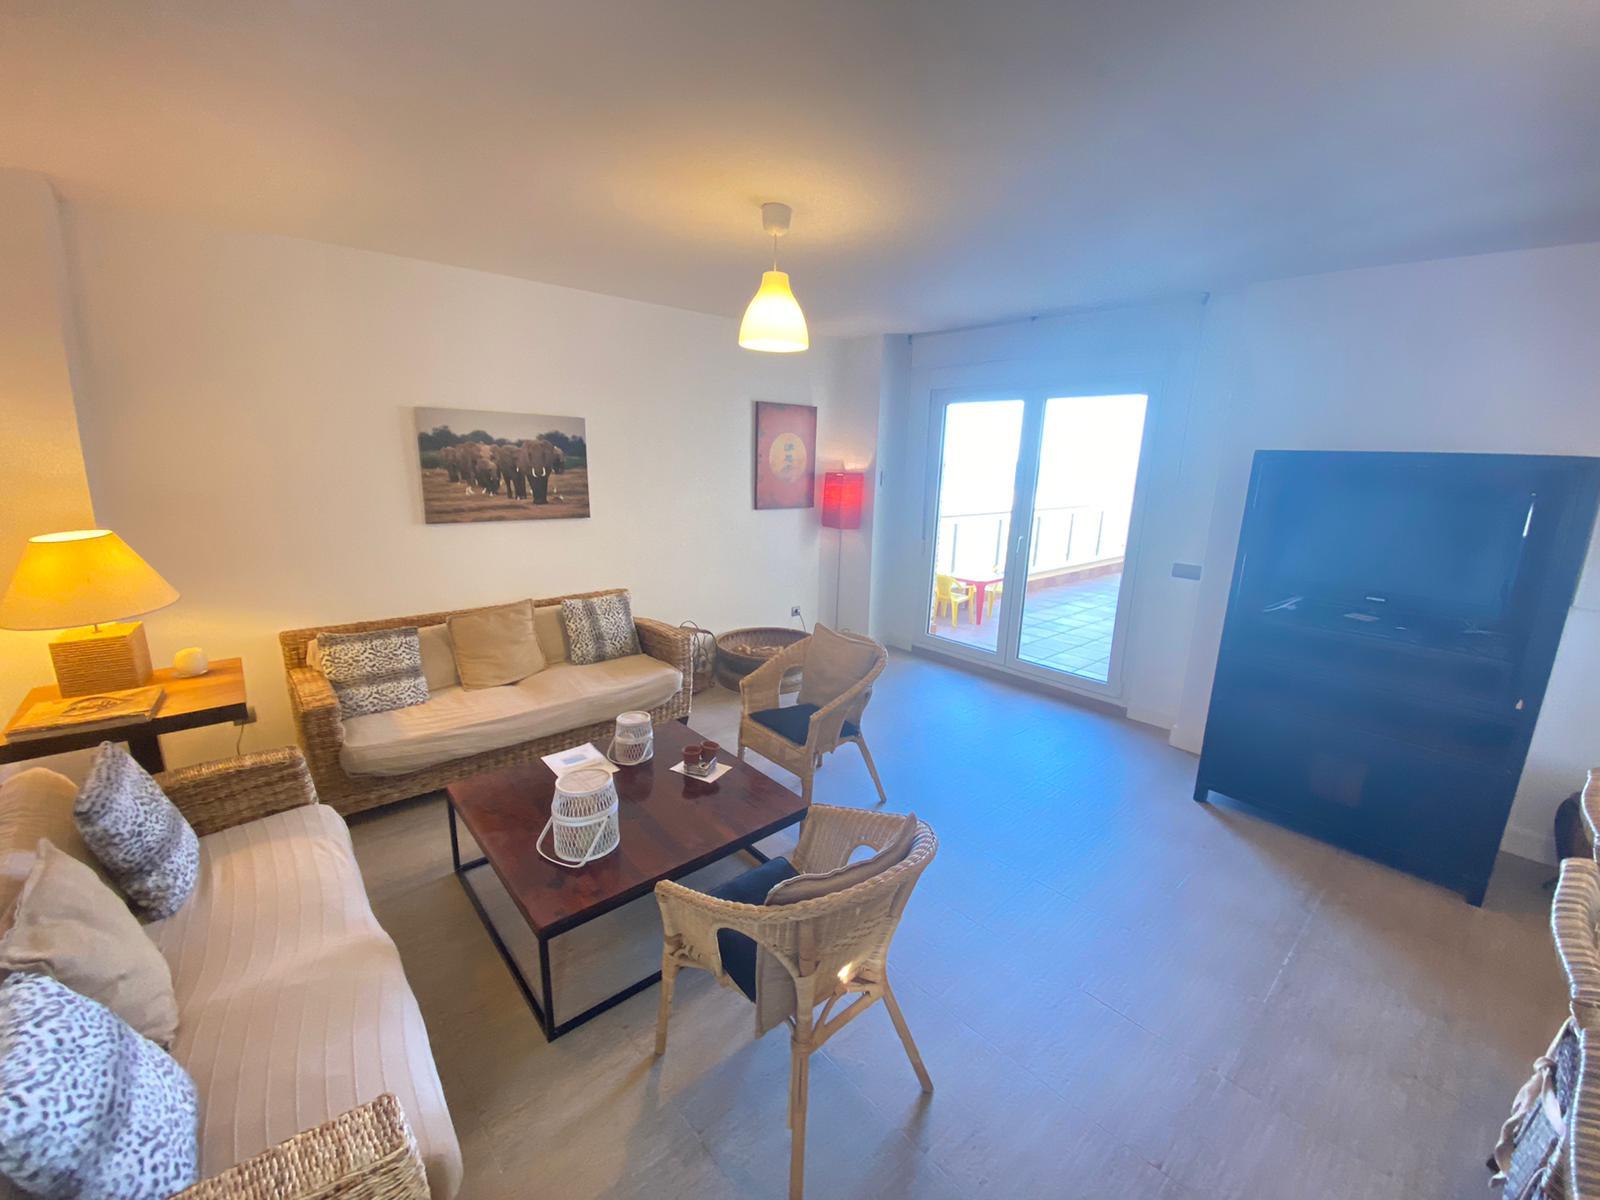 Imagen 10 del Apartamento Turístico, Ático 6 Levante (3d+2b), Punta del Moral (HUELVA), Paseo de la Cruz nº22